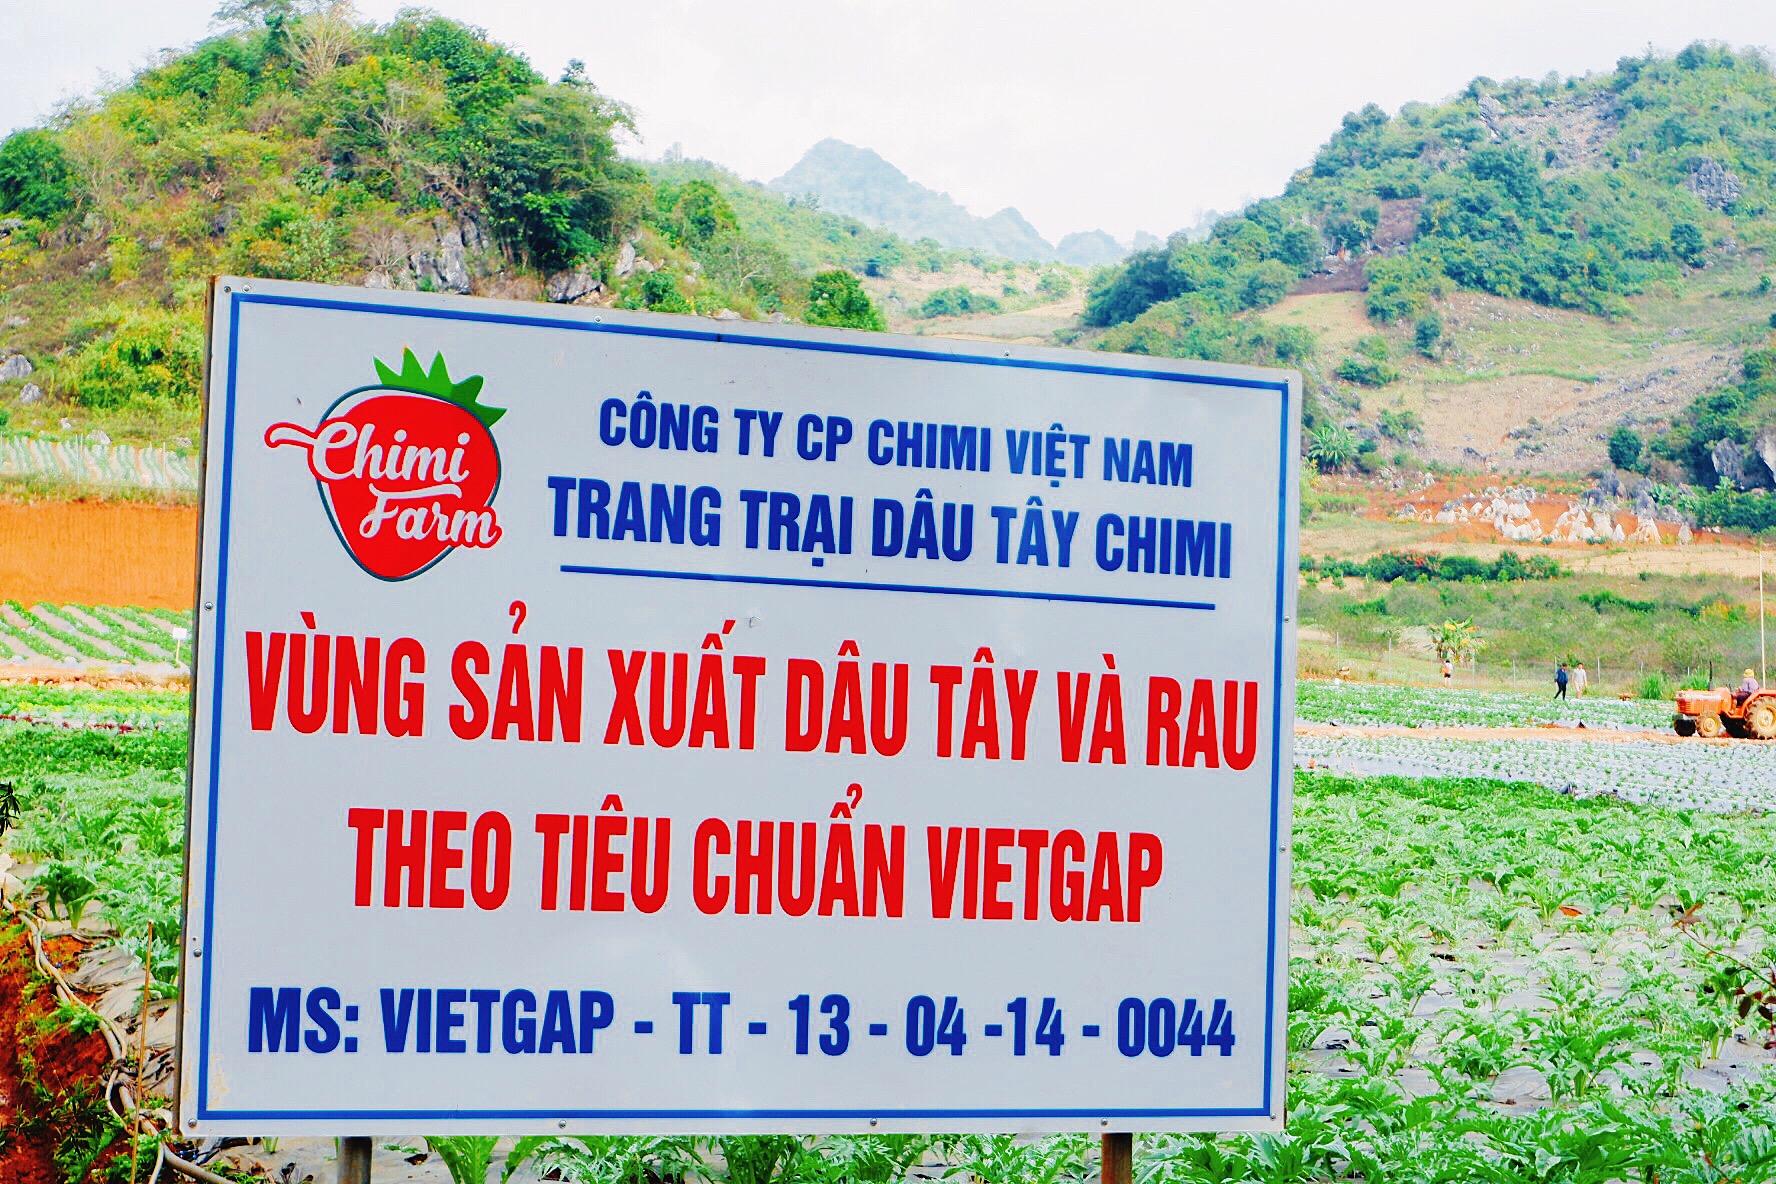 Trang trại dâu tây Chimi sản xuất theo tiêu chuẩn VietGAP